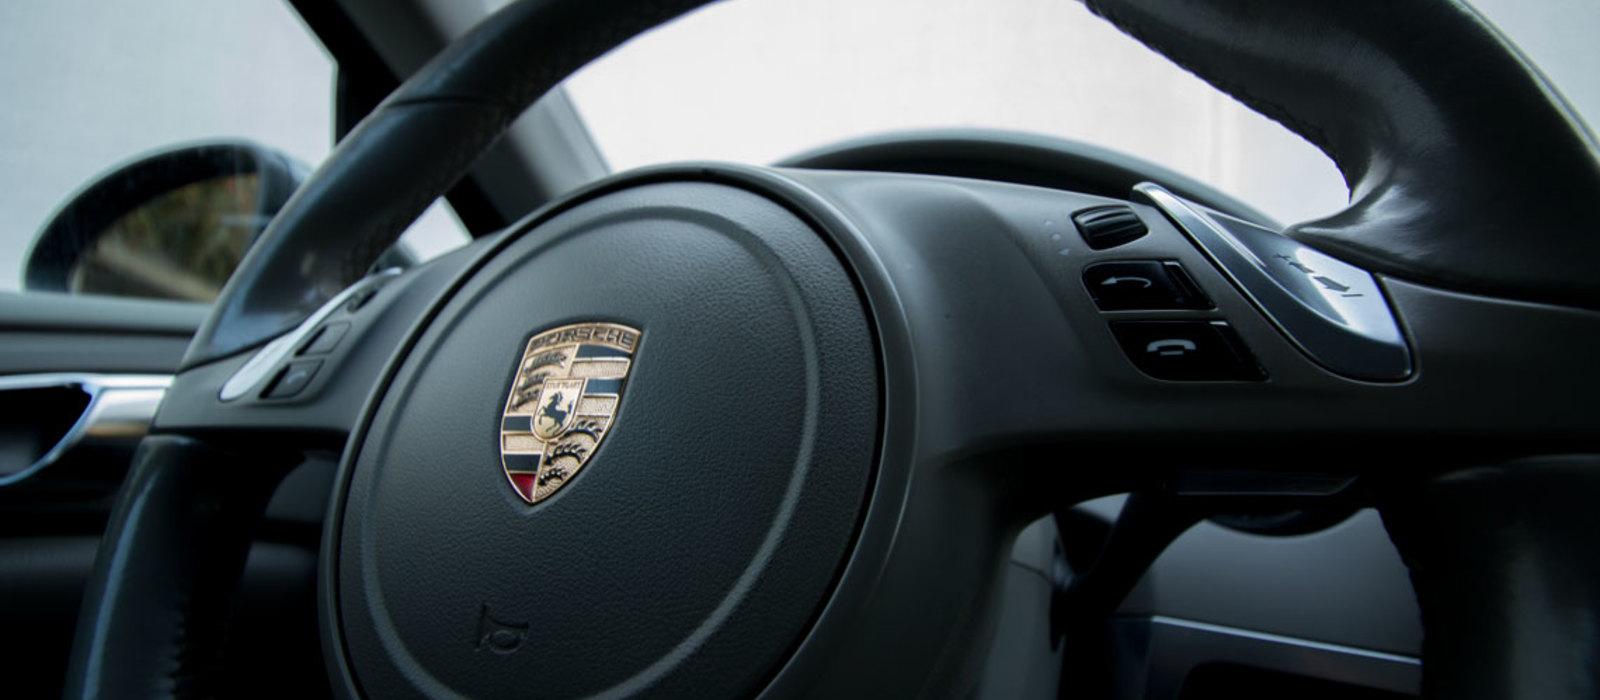 ikinci el araba 2011 Porsche Cayenne Diesel Dizel Otomatik 136588 KM 6